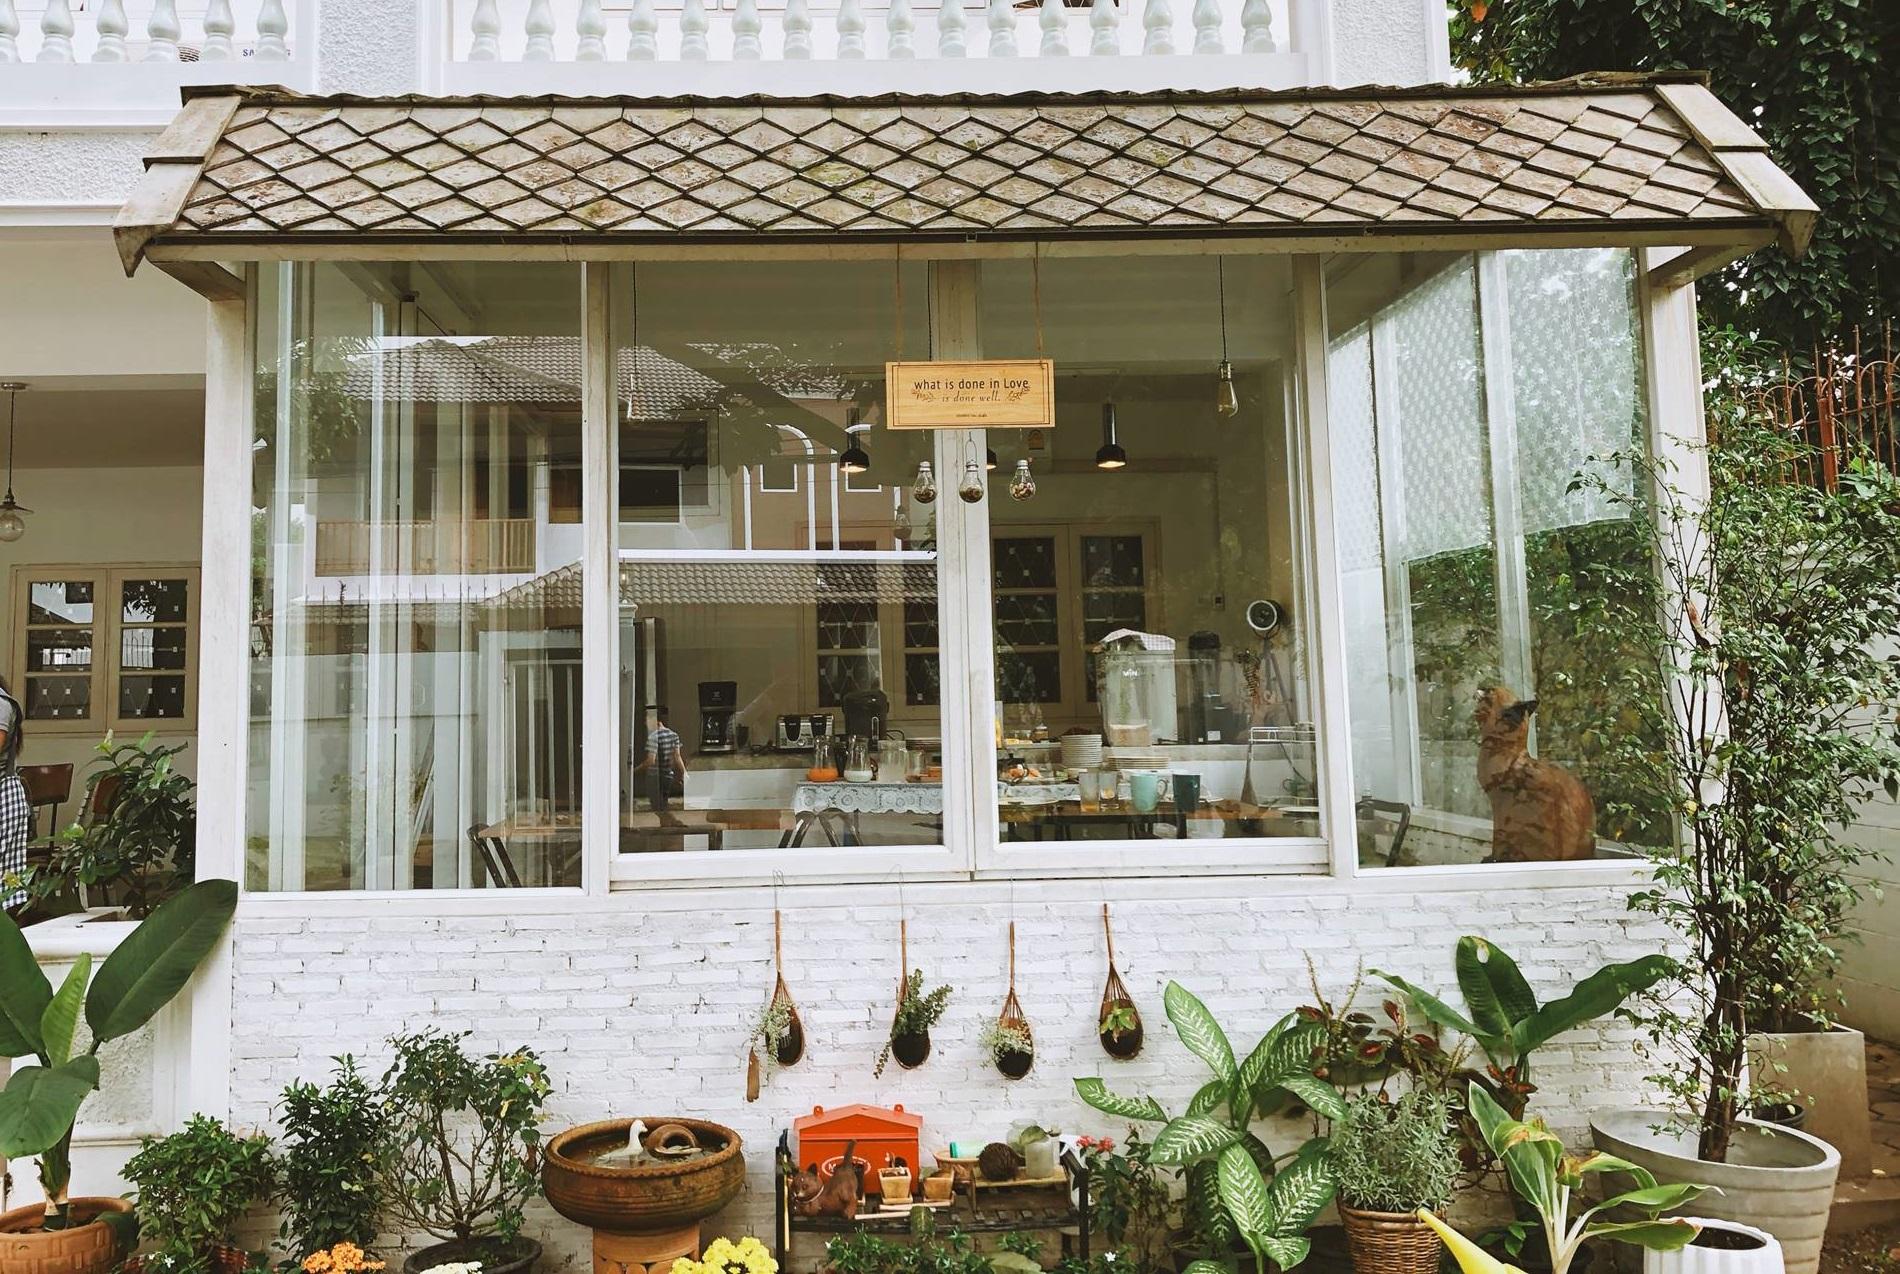 Top địa chỉ lưu trú tại Chiang Mai - Thái Lan chất lượng, giá rẻ, ở là ưng